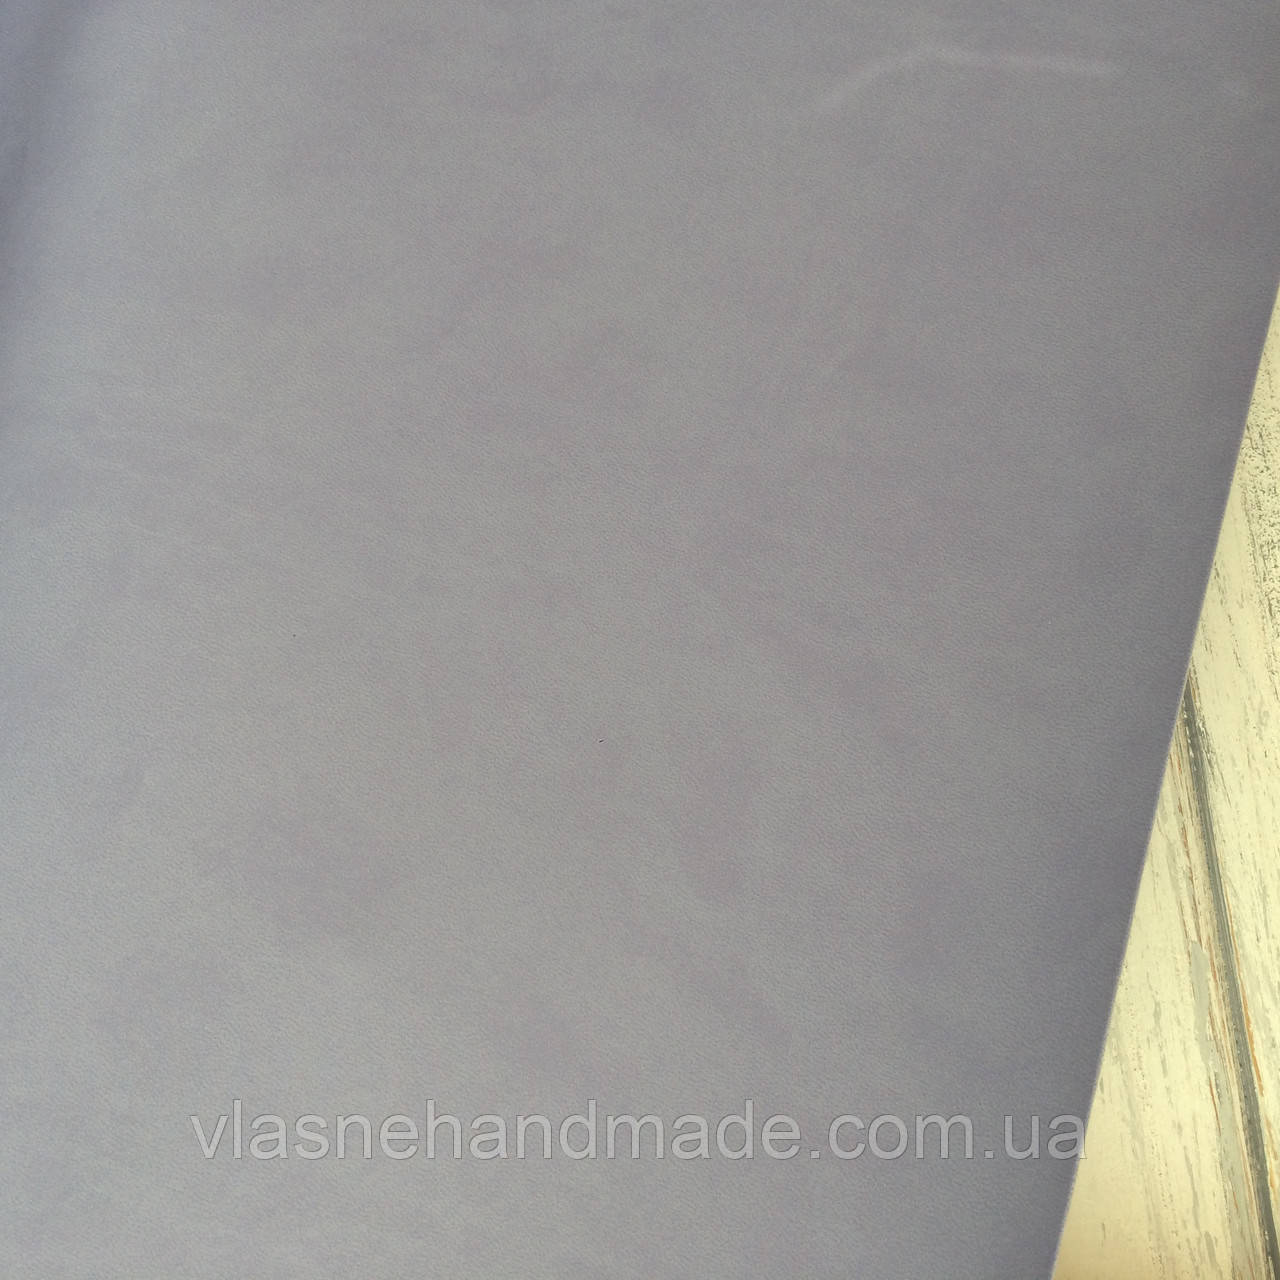 НЕФОРМАТ АБО НЕВЕЛИКИЙ БРАК!! Шкірзамінник палітурний - фіолетово-бузковий - 25х35 см